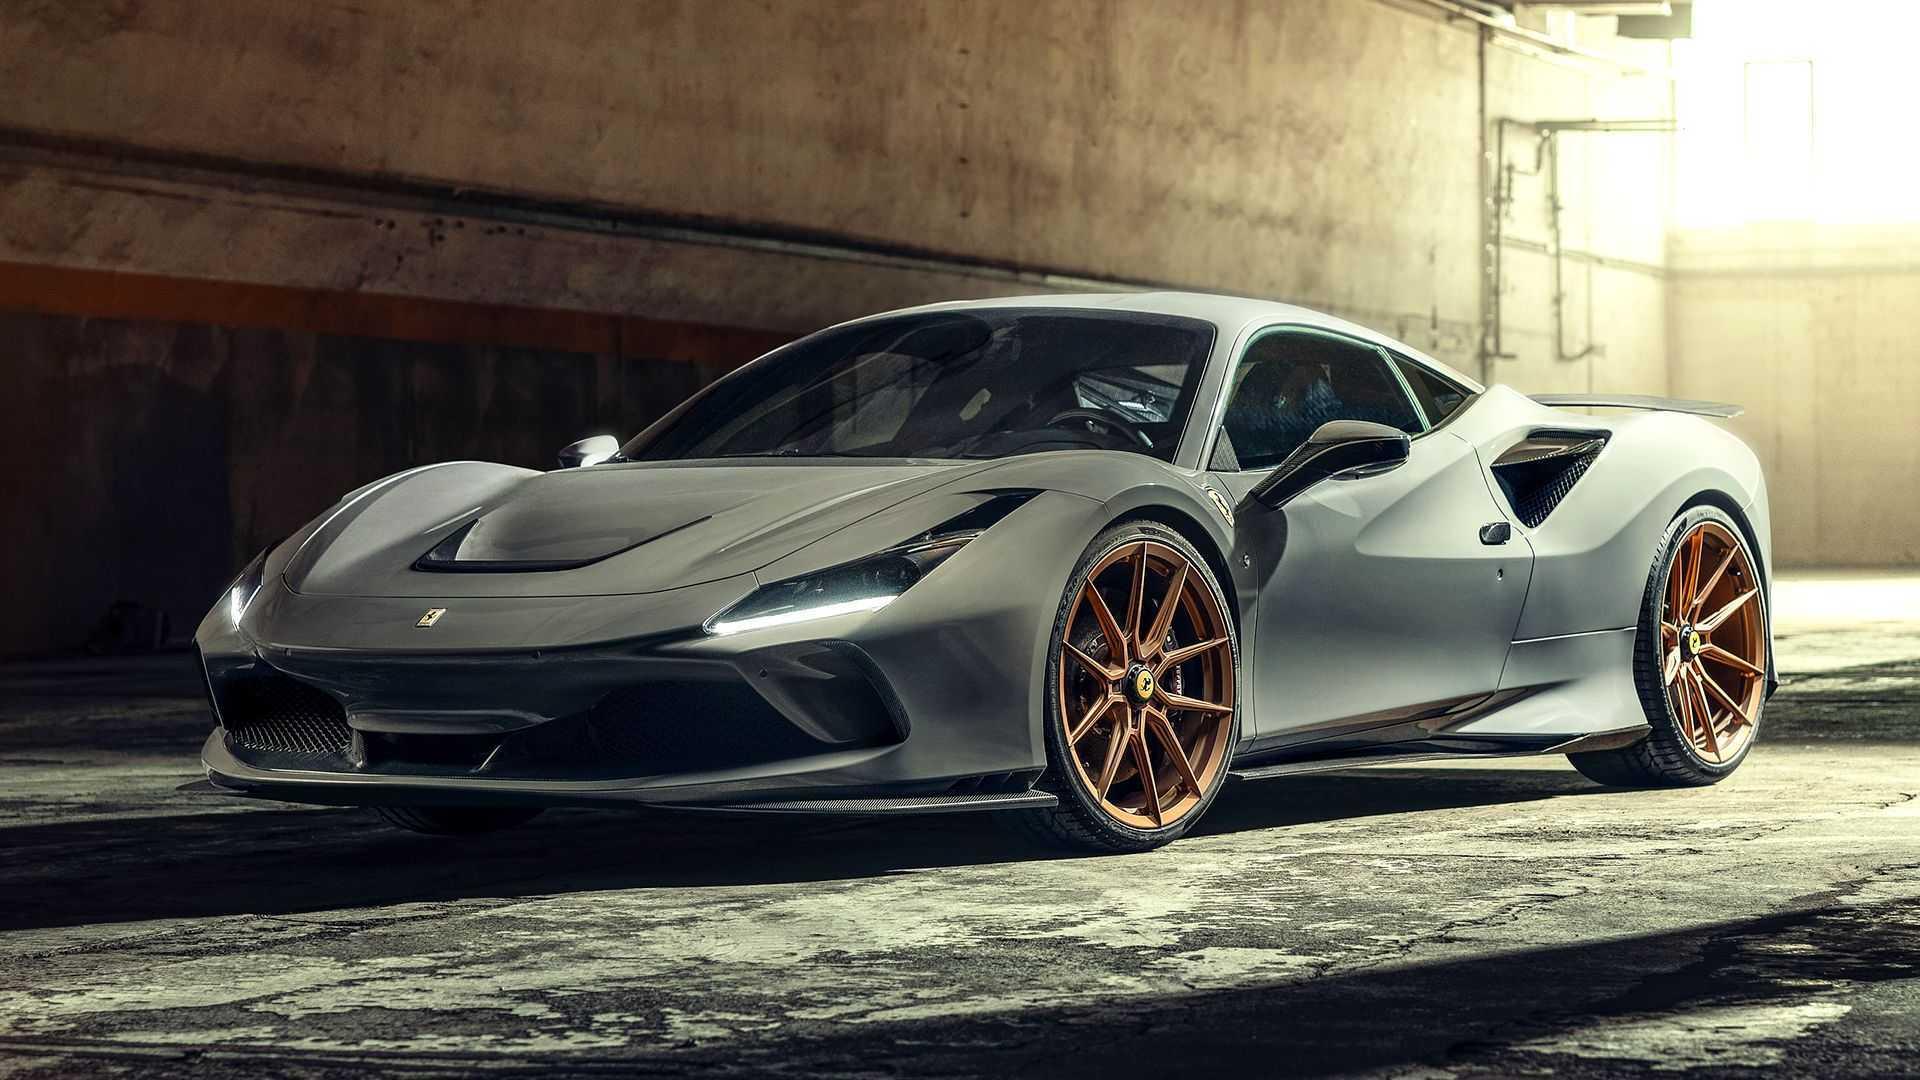 Ferrari F8 Tributo от Novitec: визуальные улучшения и больше мощности